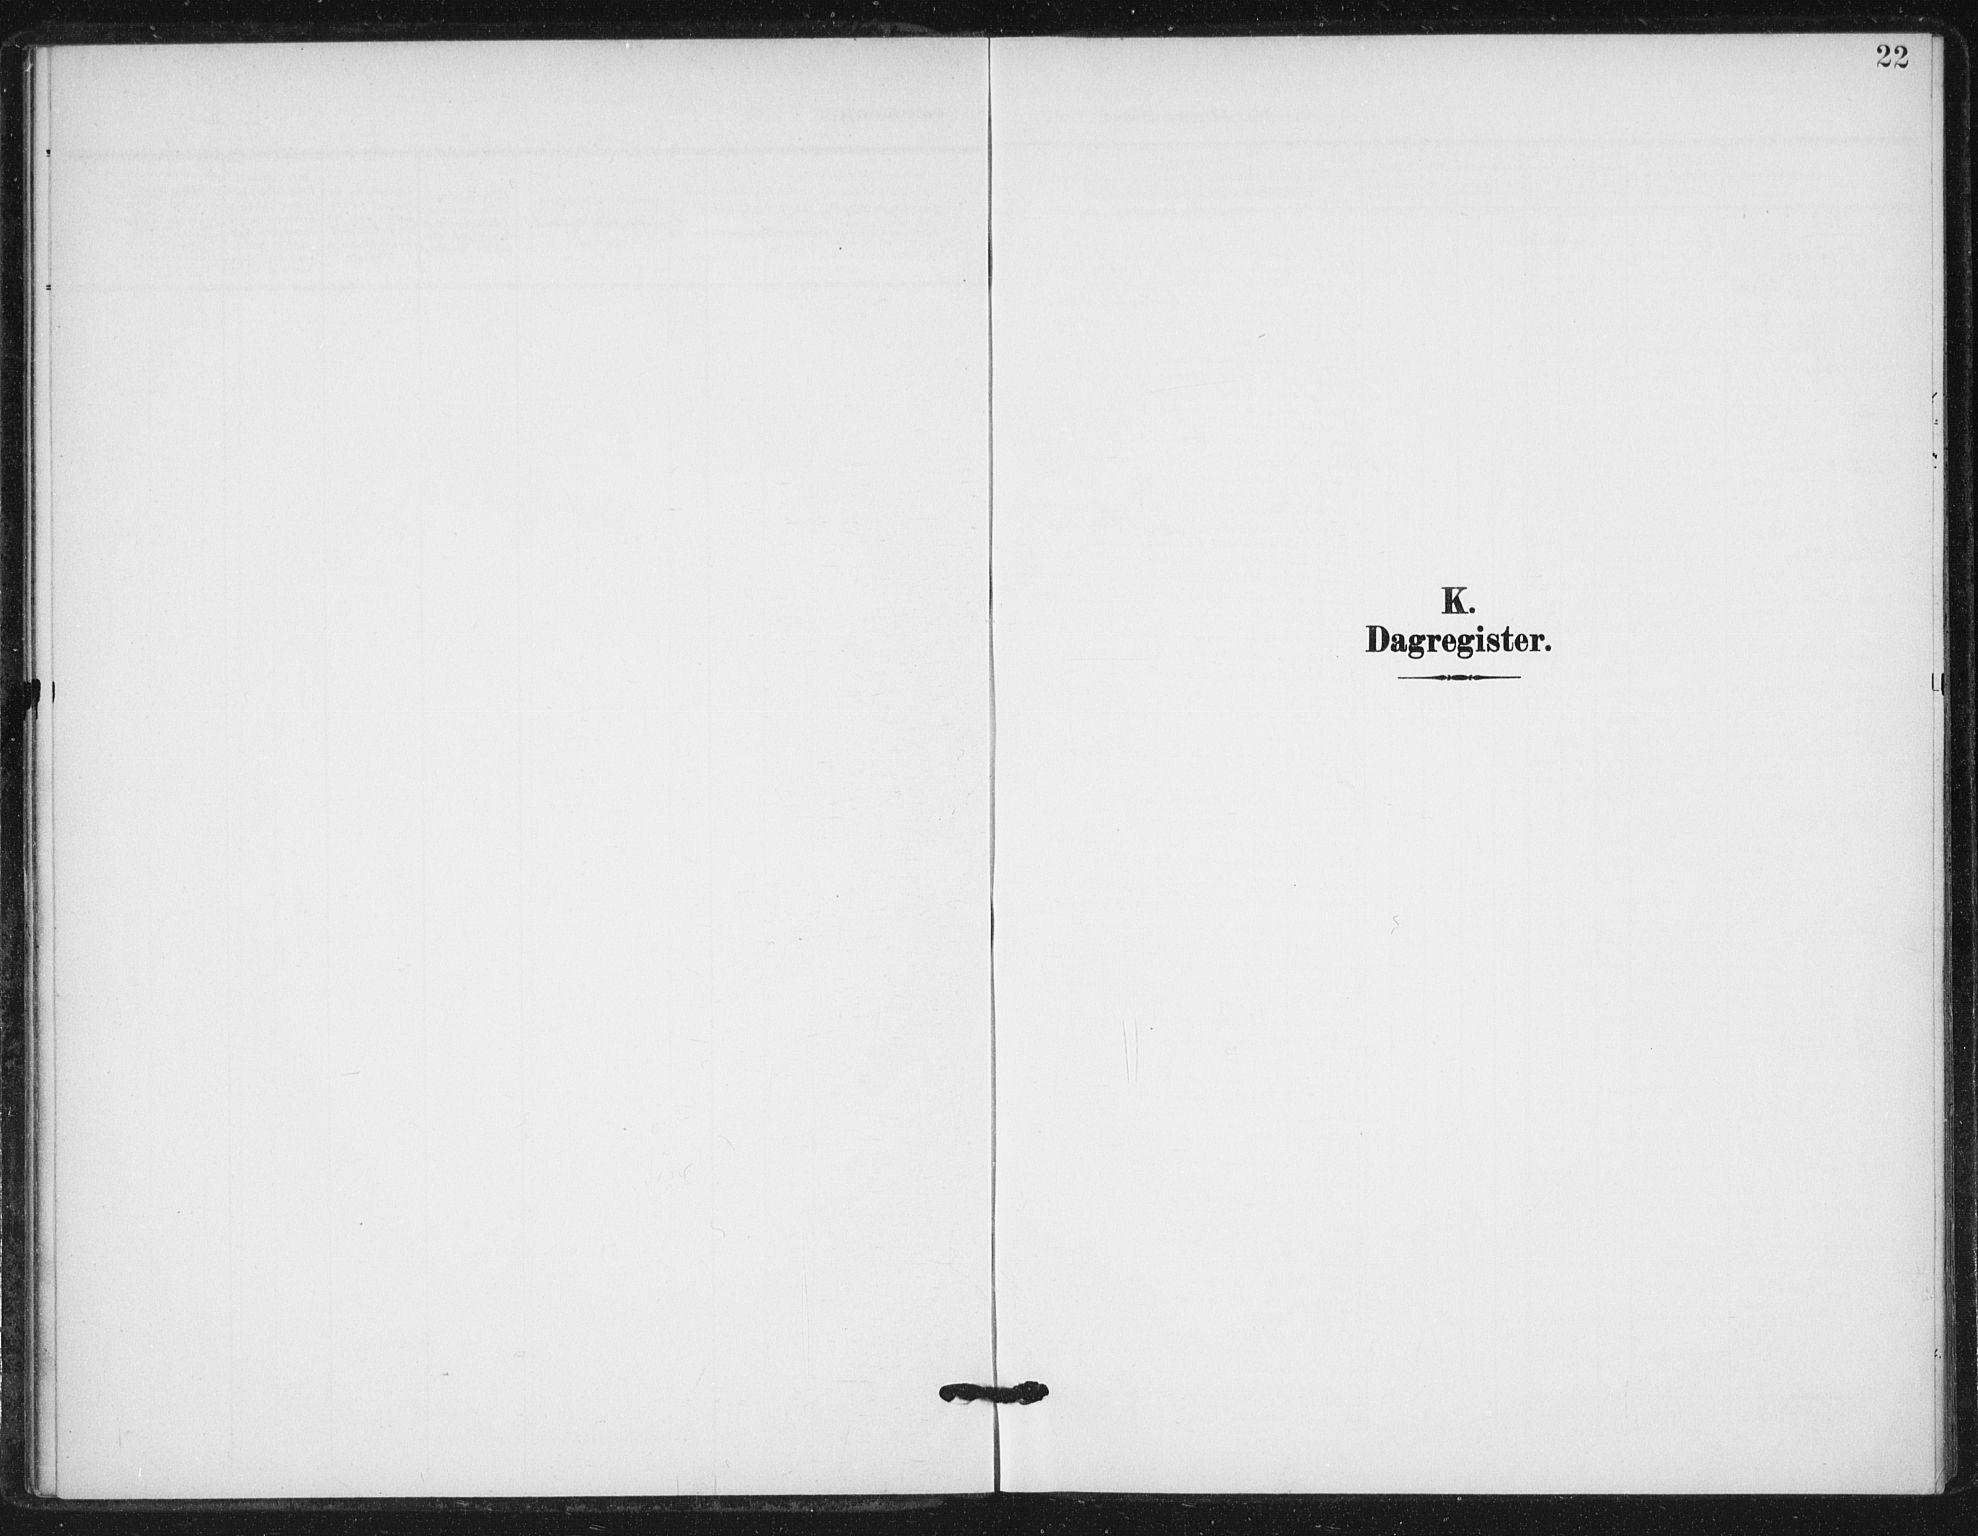 SAT, Ministerialprotokoller, klokkerbøker og fødselsregistre - Sør-Trøndelag, 623/L0472: Ministerialbok nr. 623A06, 1907-1938, s. 22